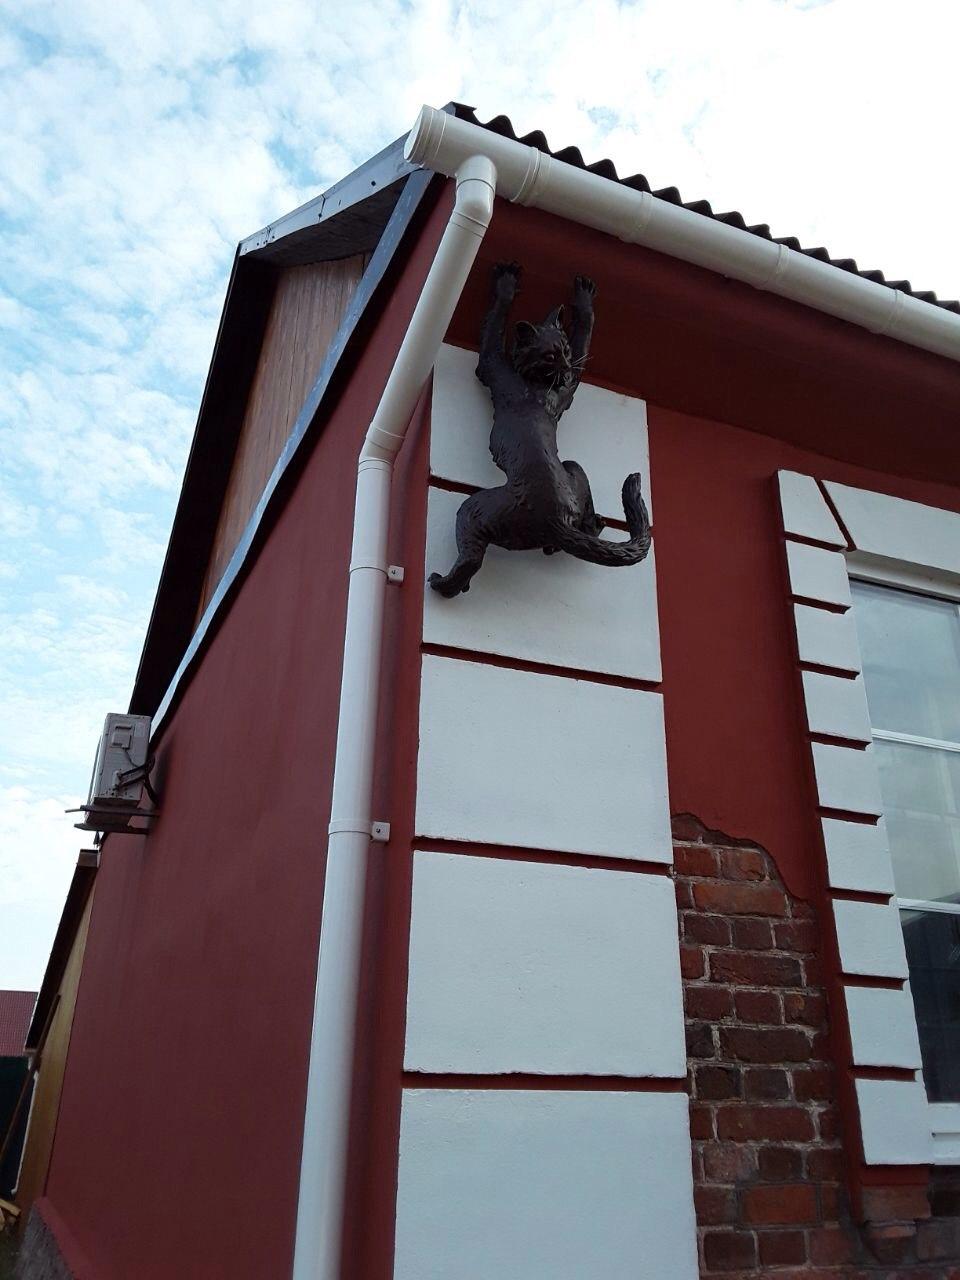 слепленный котик на фасаде